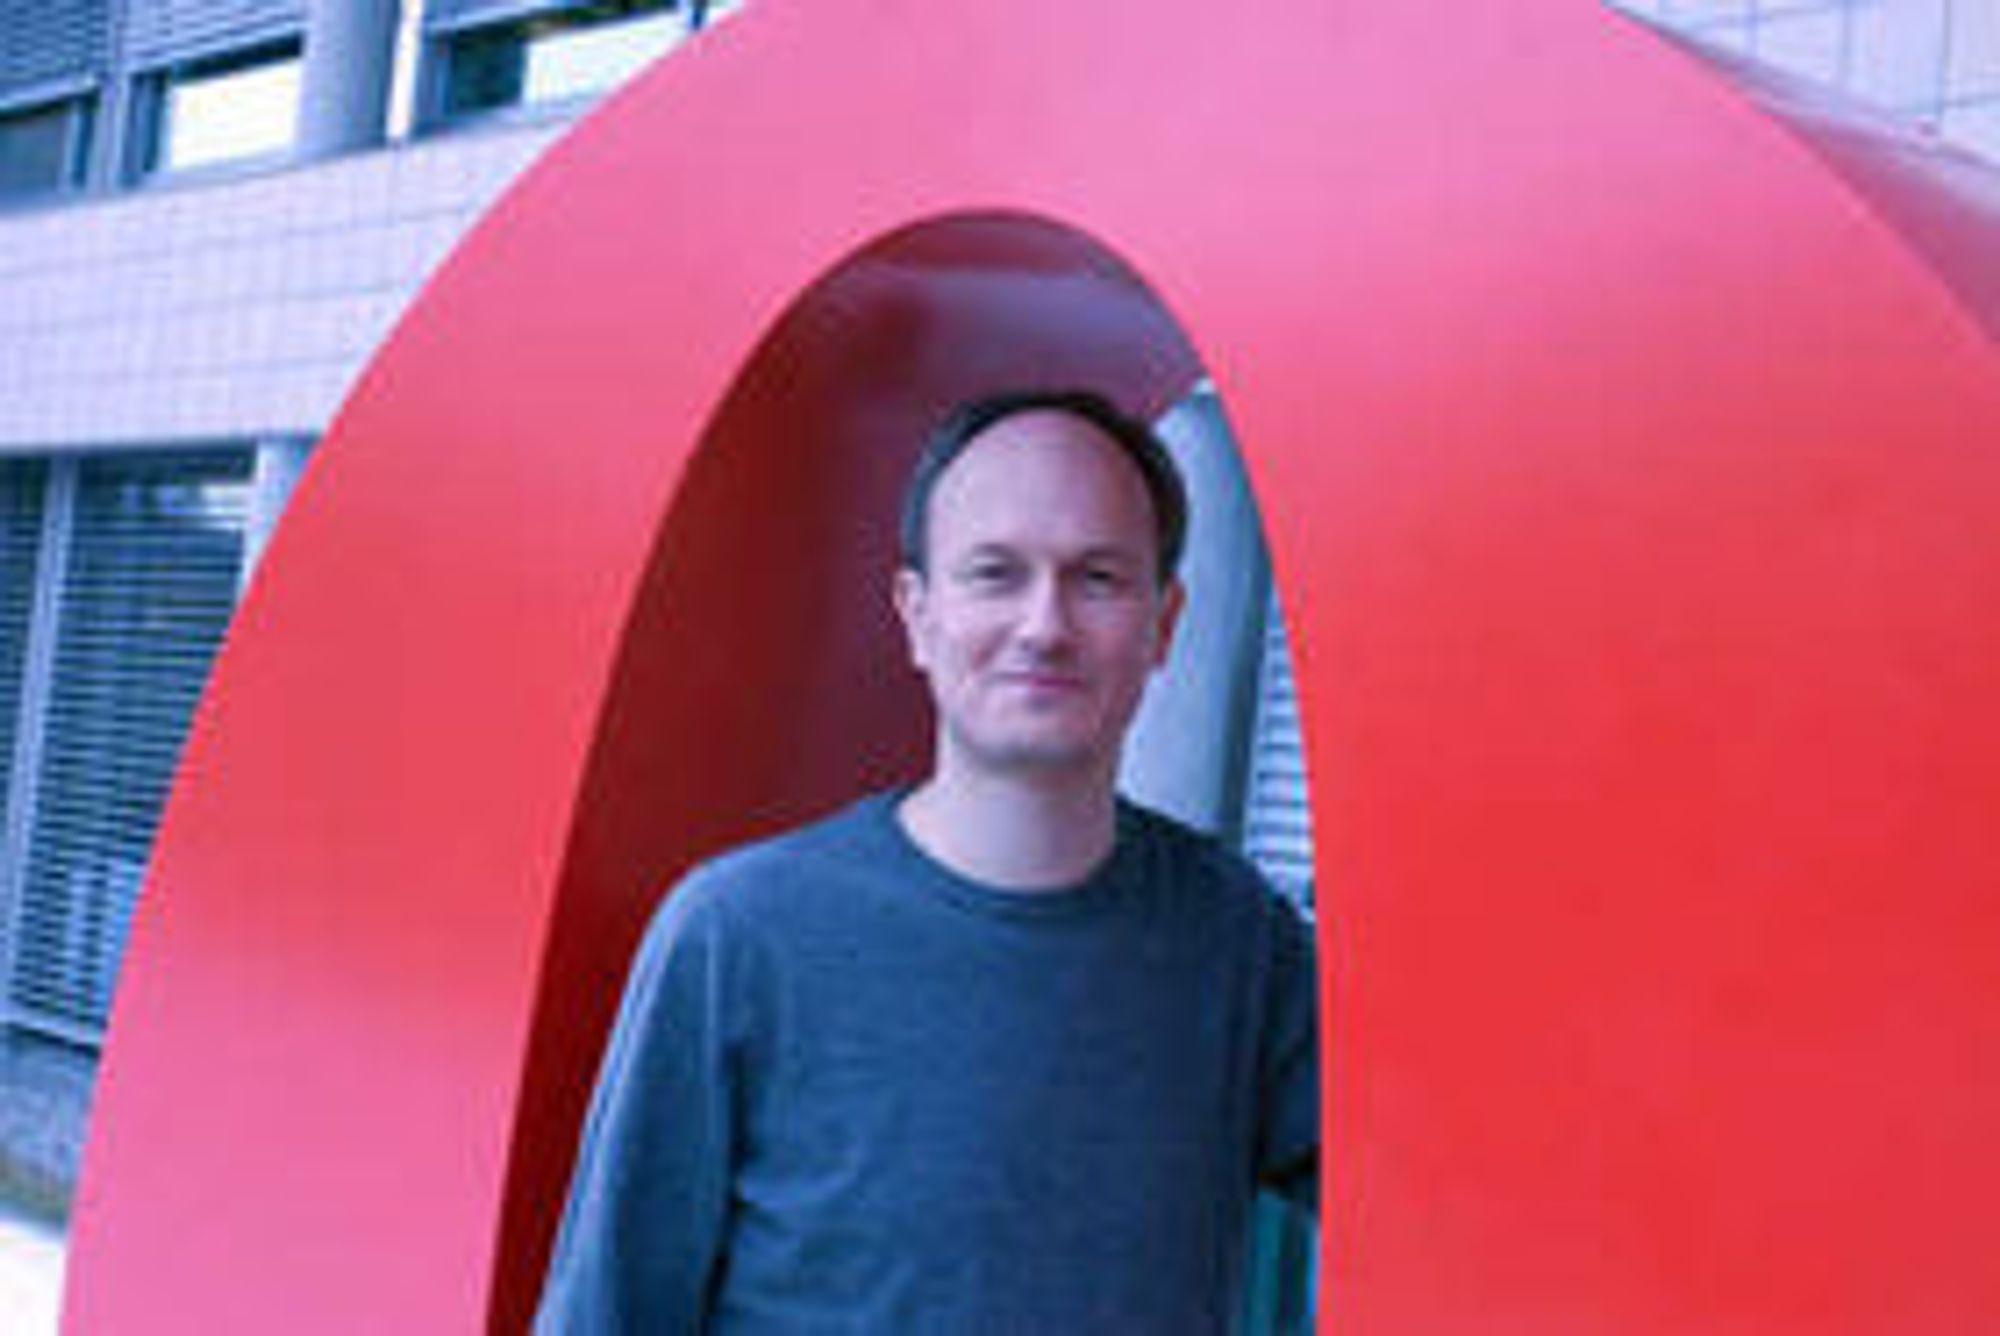 Ytelsen i nye Opera for Android er bra, ifølge Rikard Gillemyr.